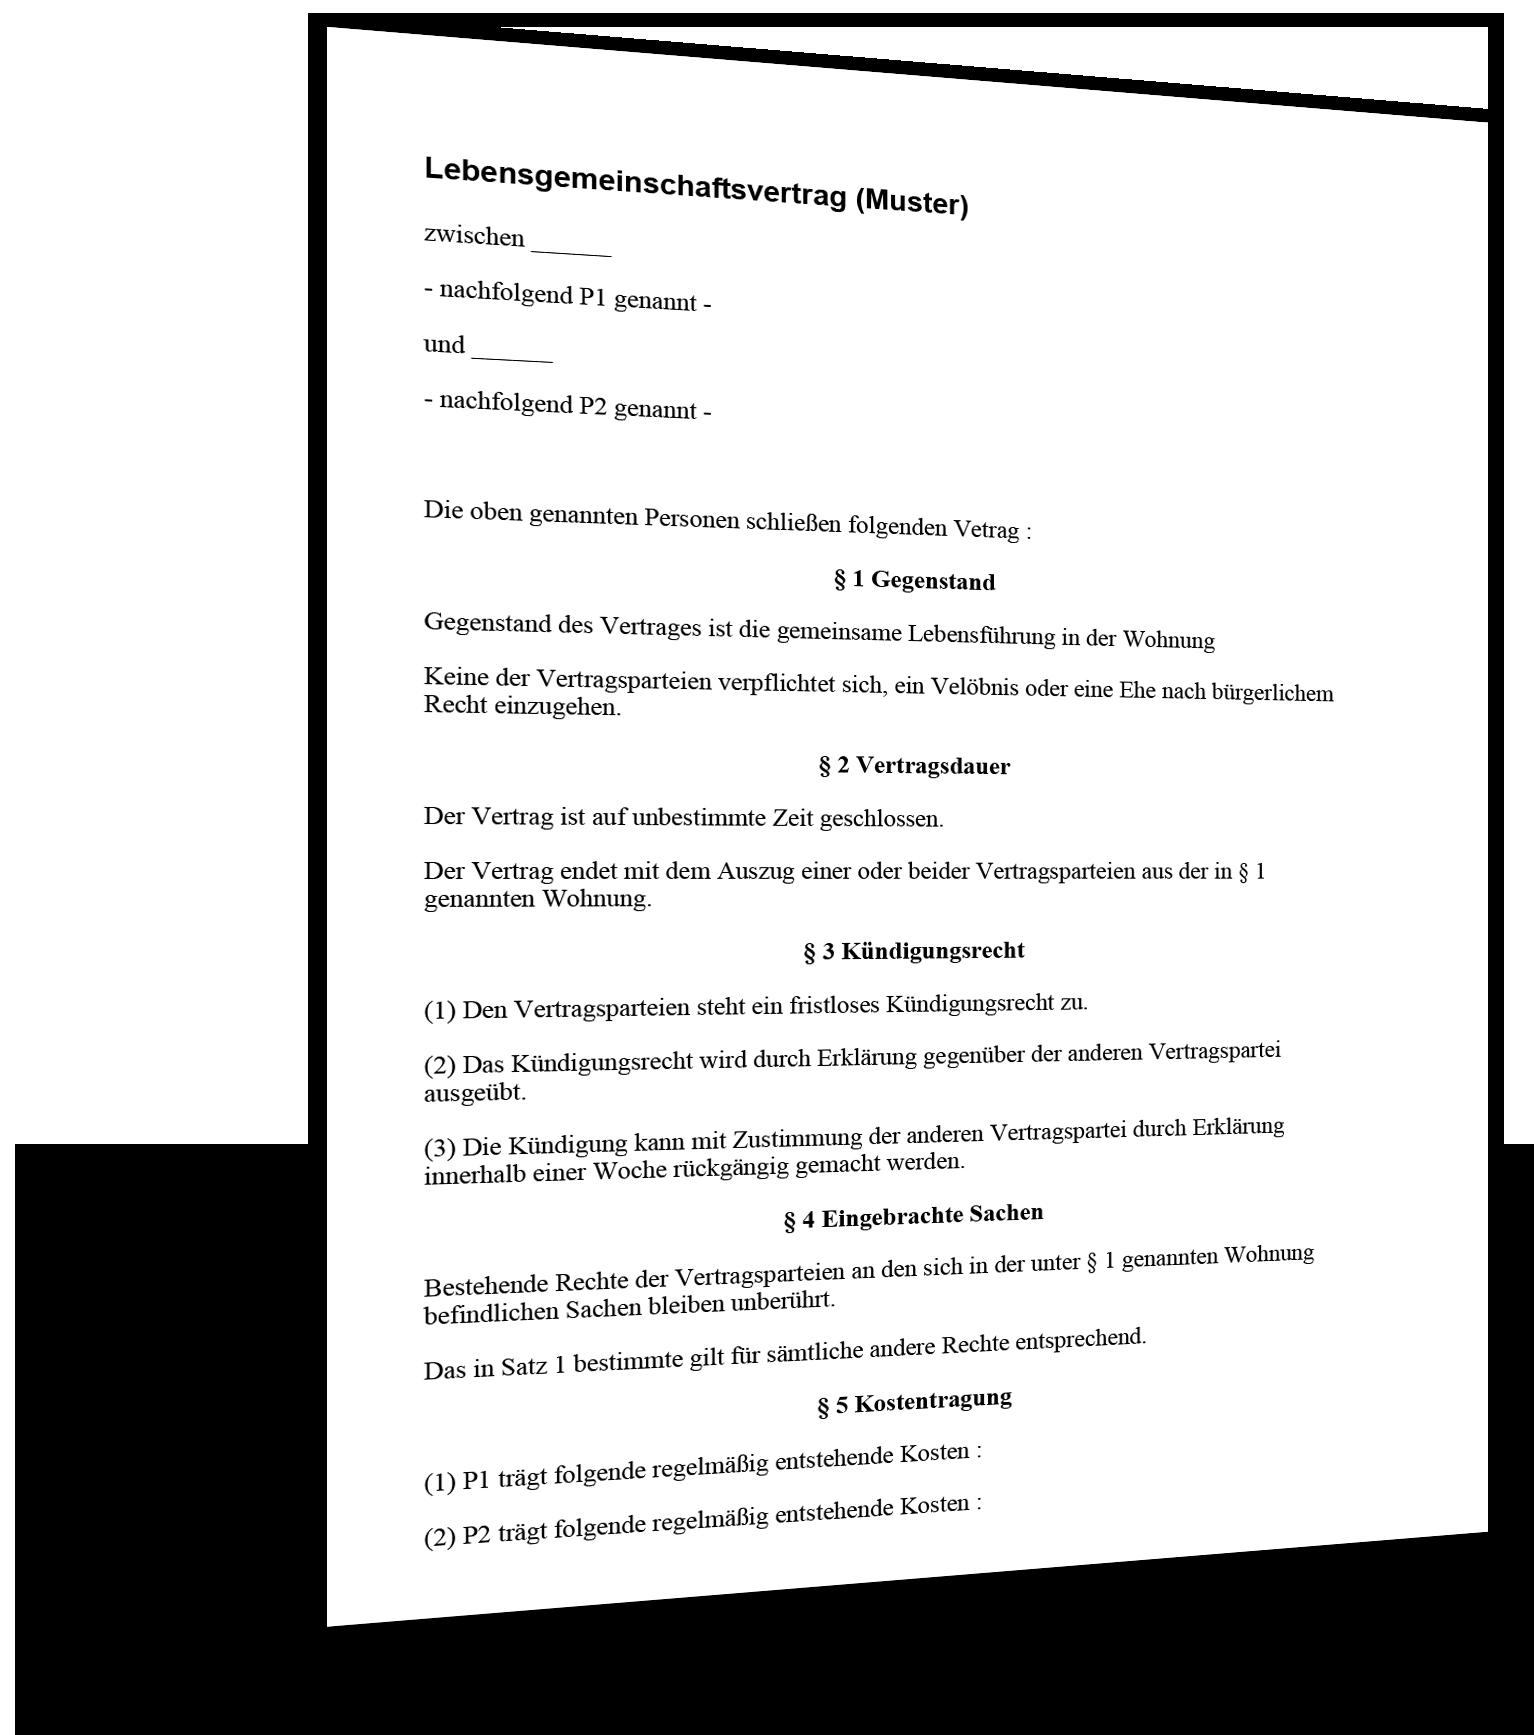 lebensgemeinschaftsvertrag Muster